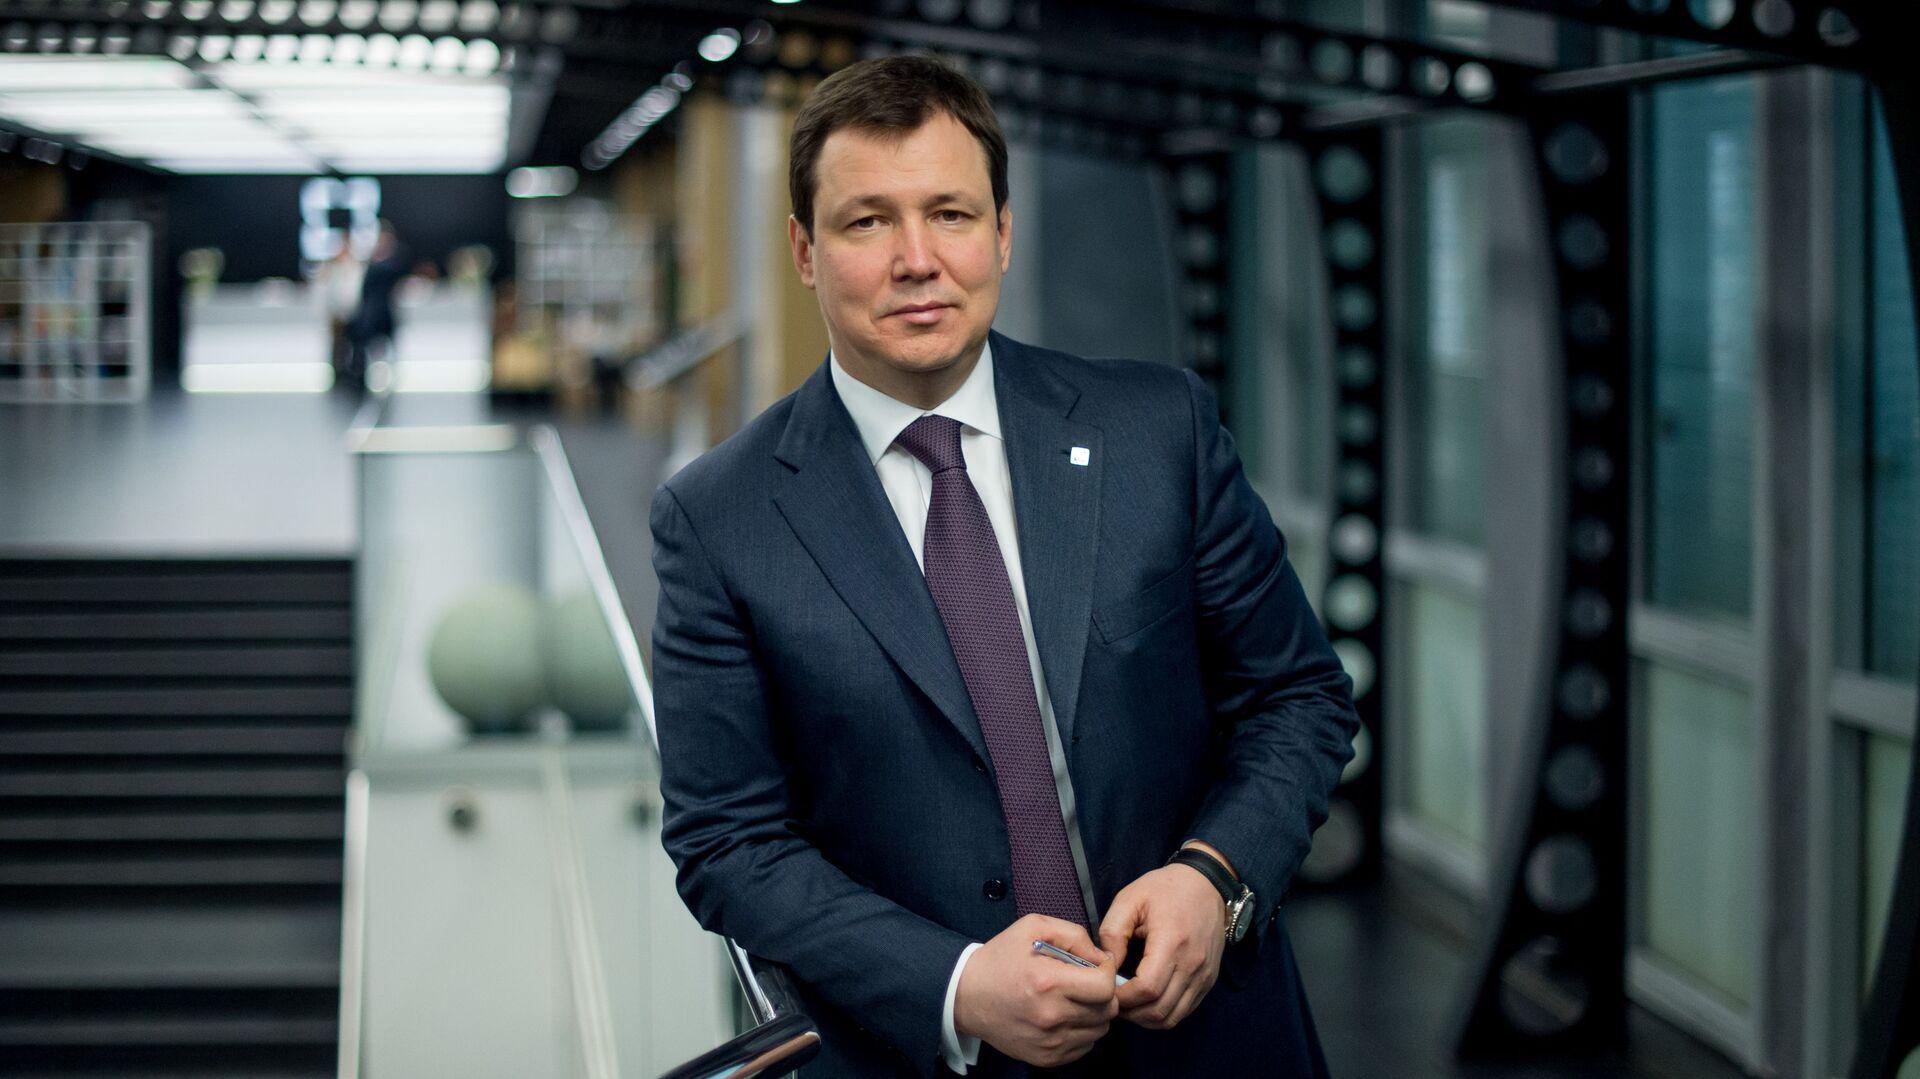 Сергей Абрамов: чеченский народ всегда чувствовал поддержку Путина